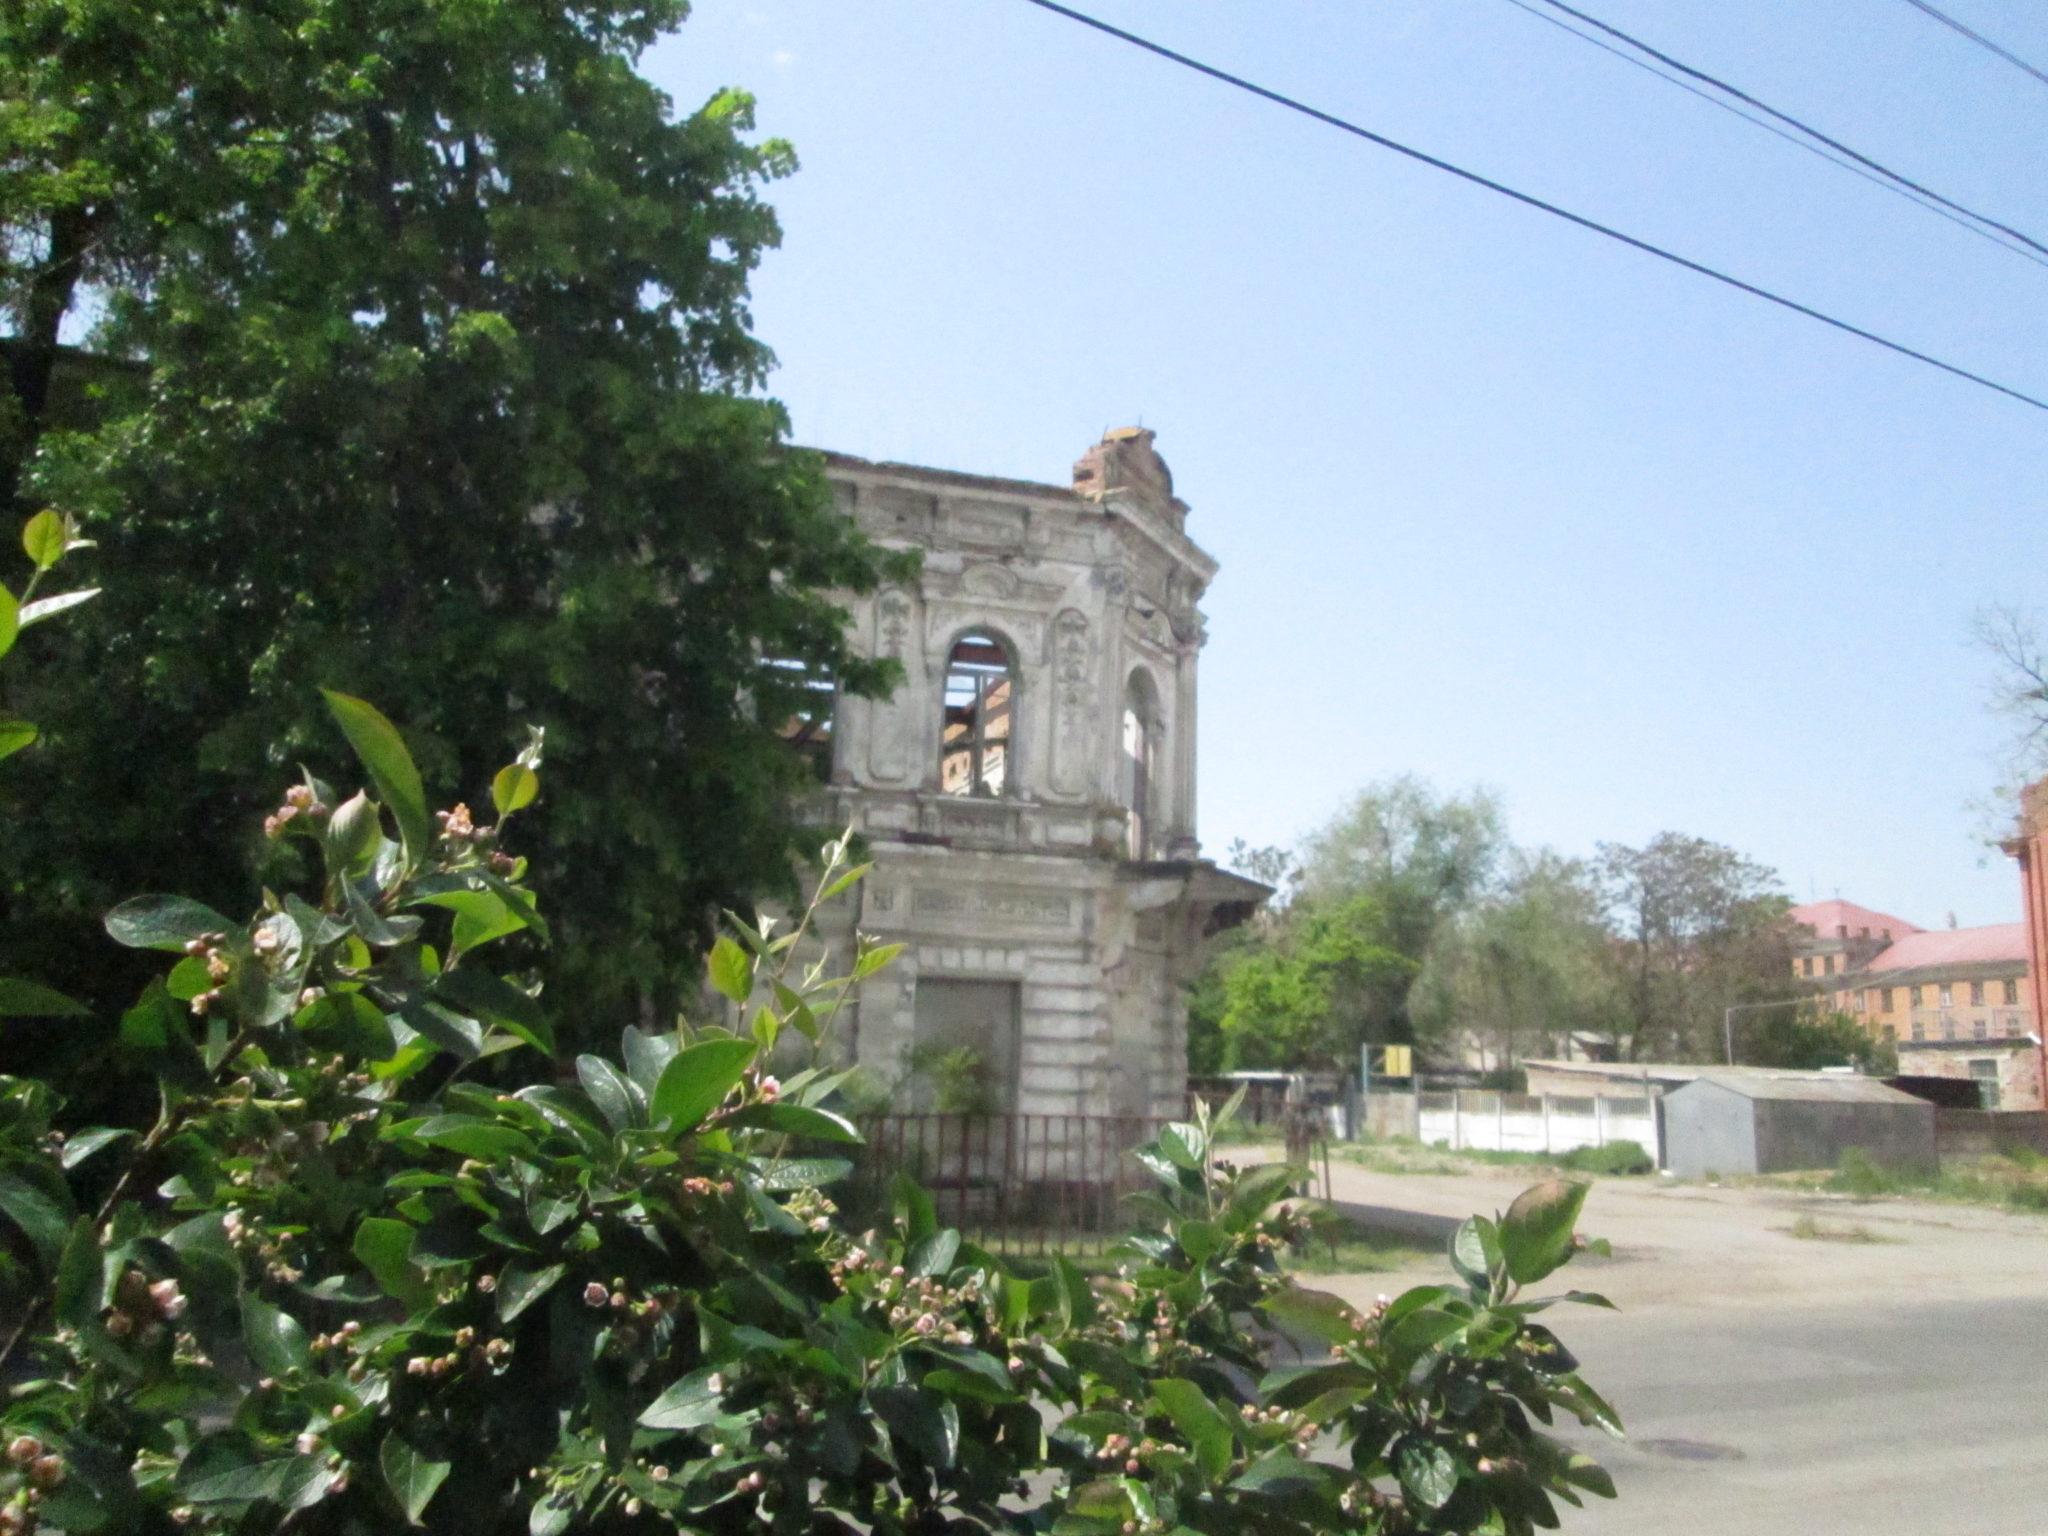 Дом купца Гусева, где оживала история и соединялись целые эпохи